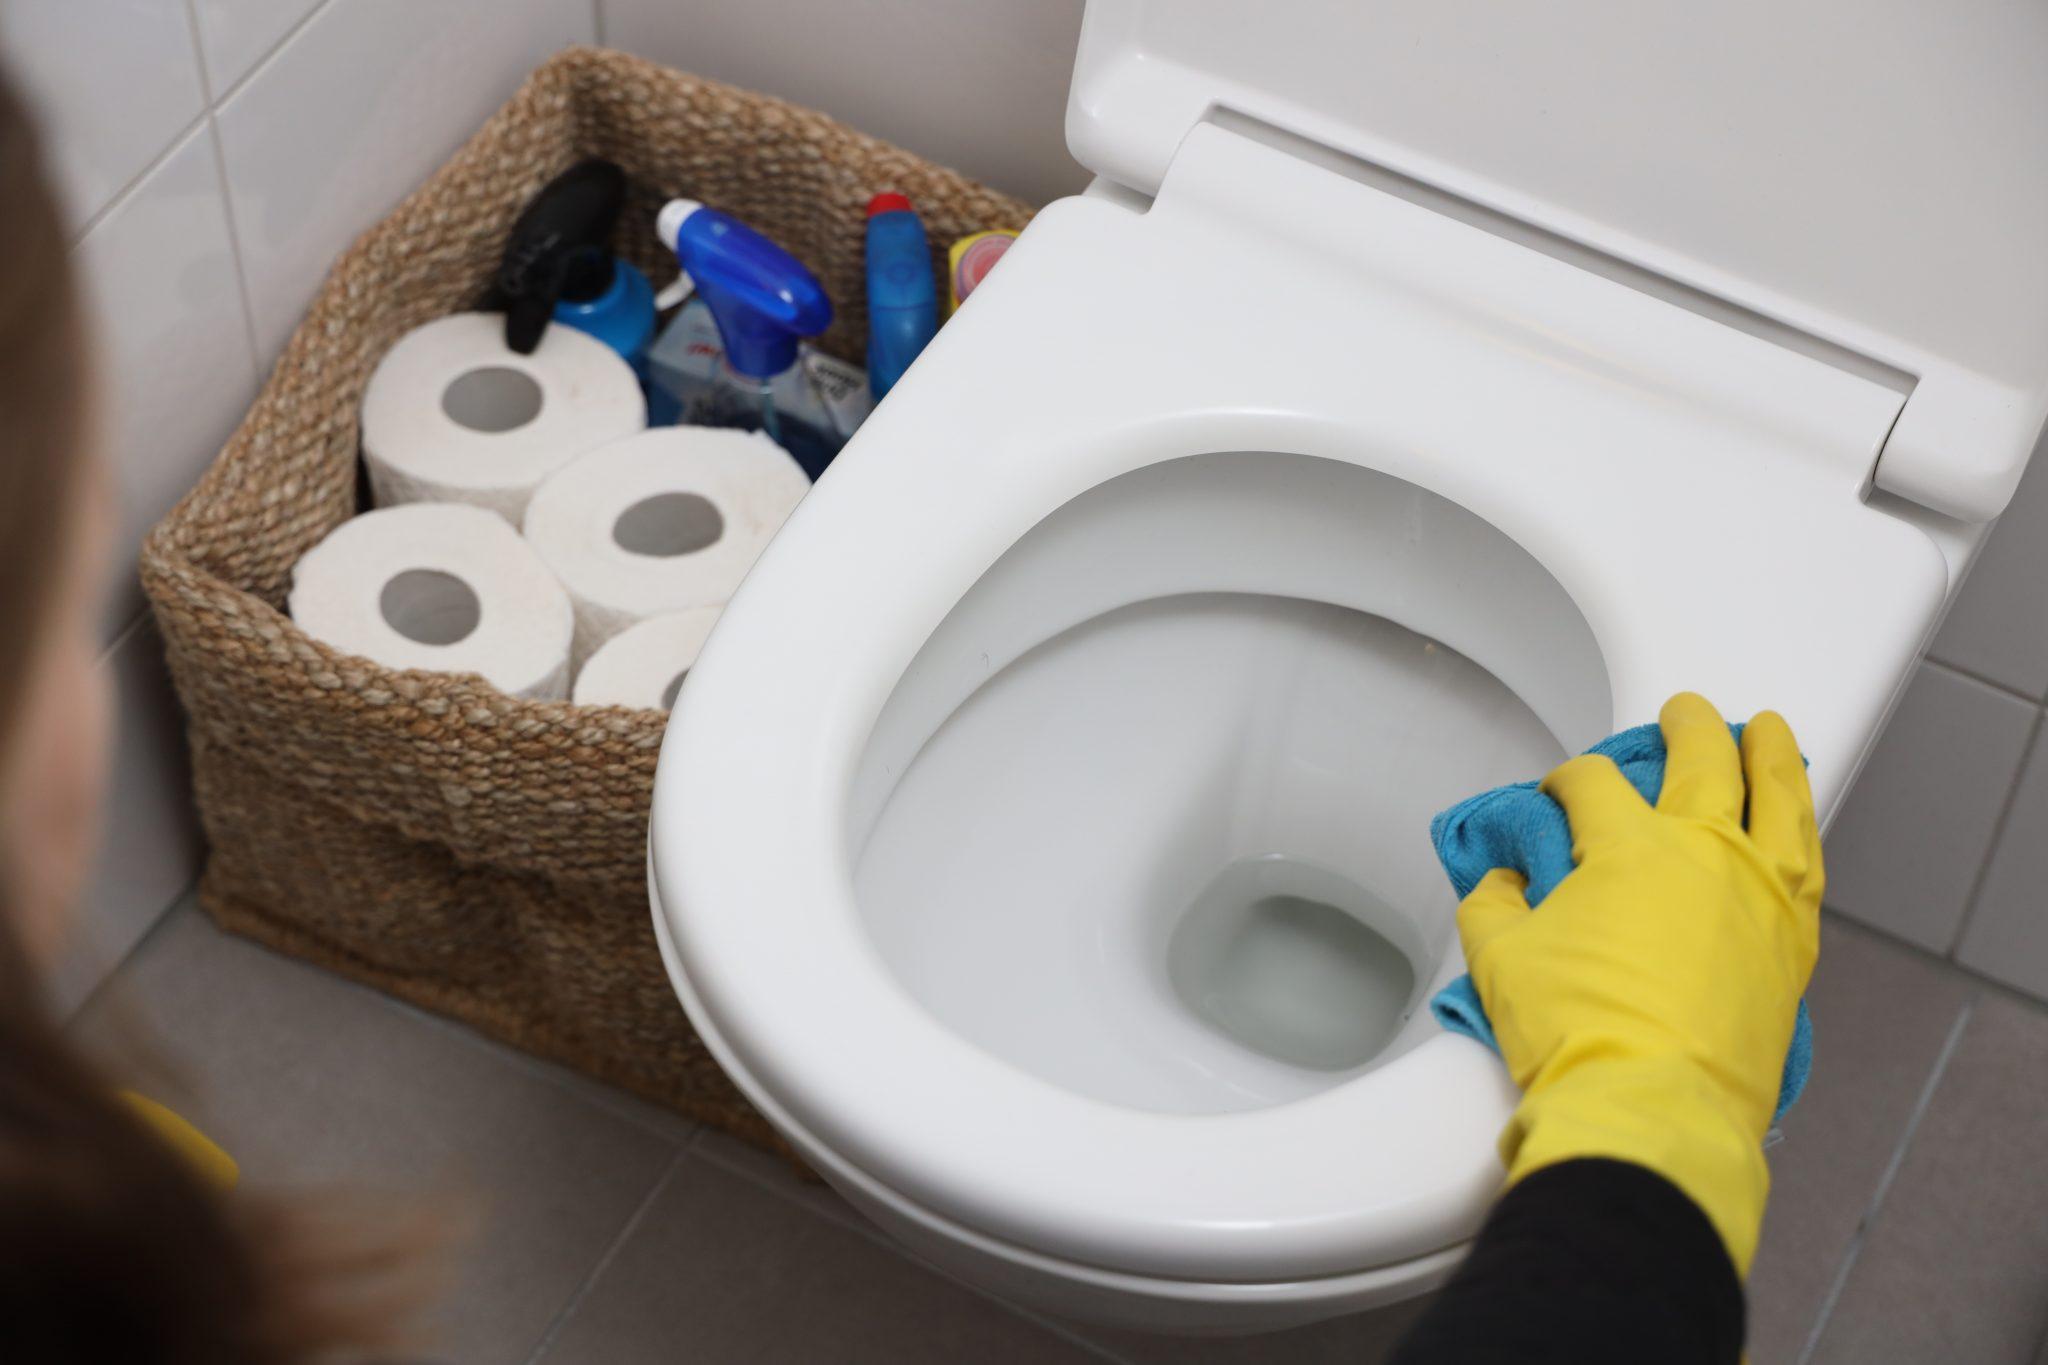 Toiletbril schoonmaken